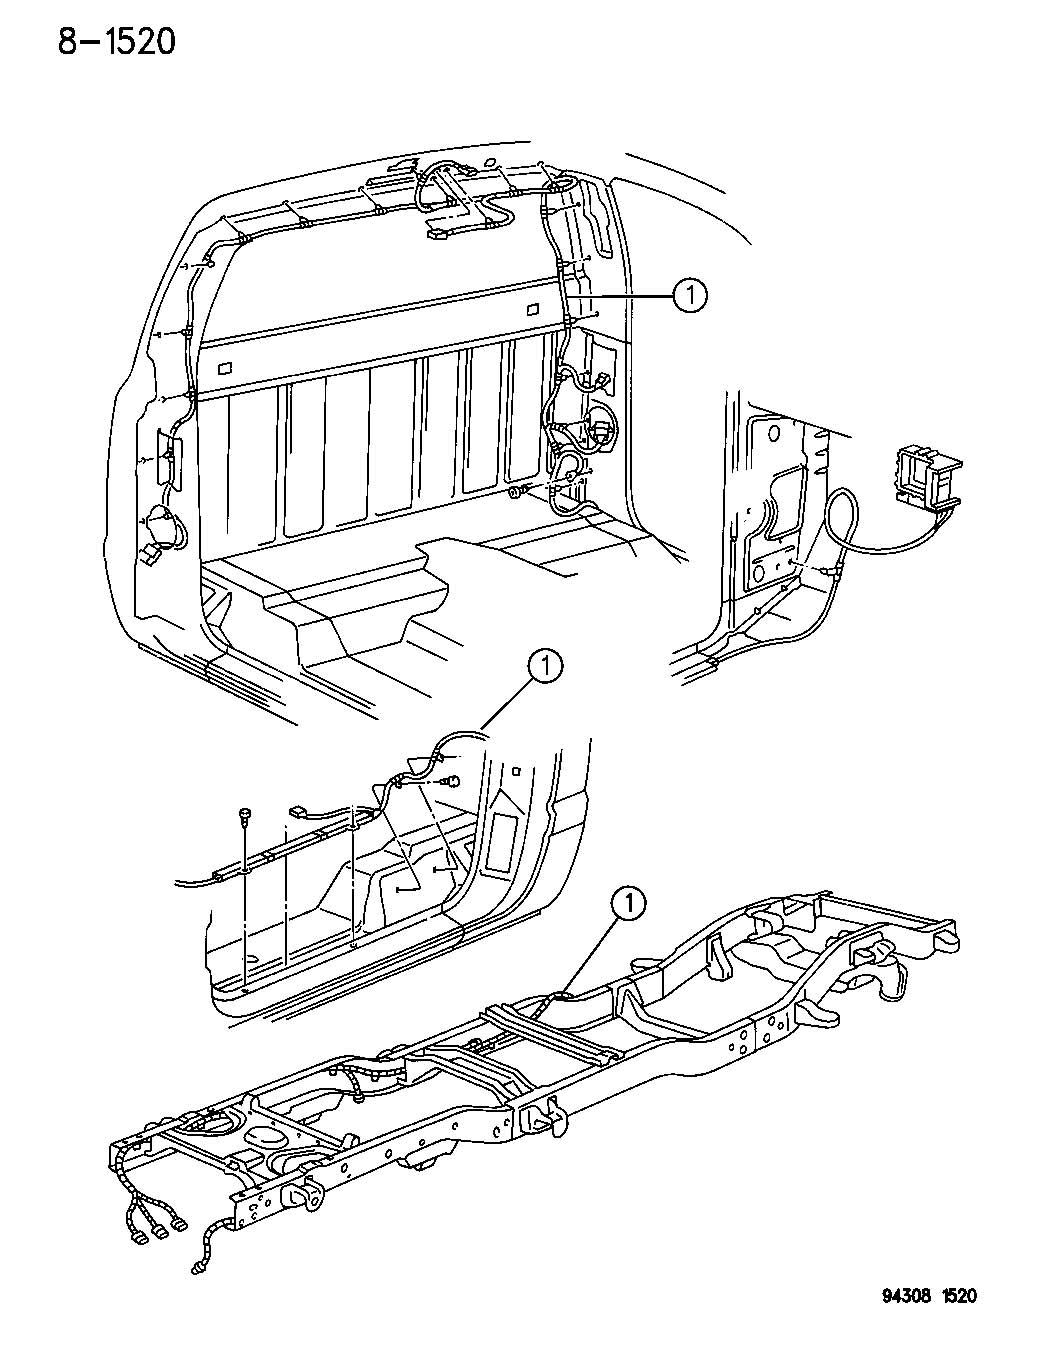 1995 Dodge Dakota Wiring, wiring assembly, anti-lock brake